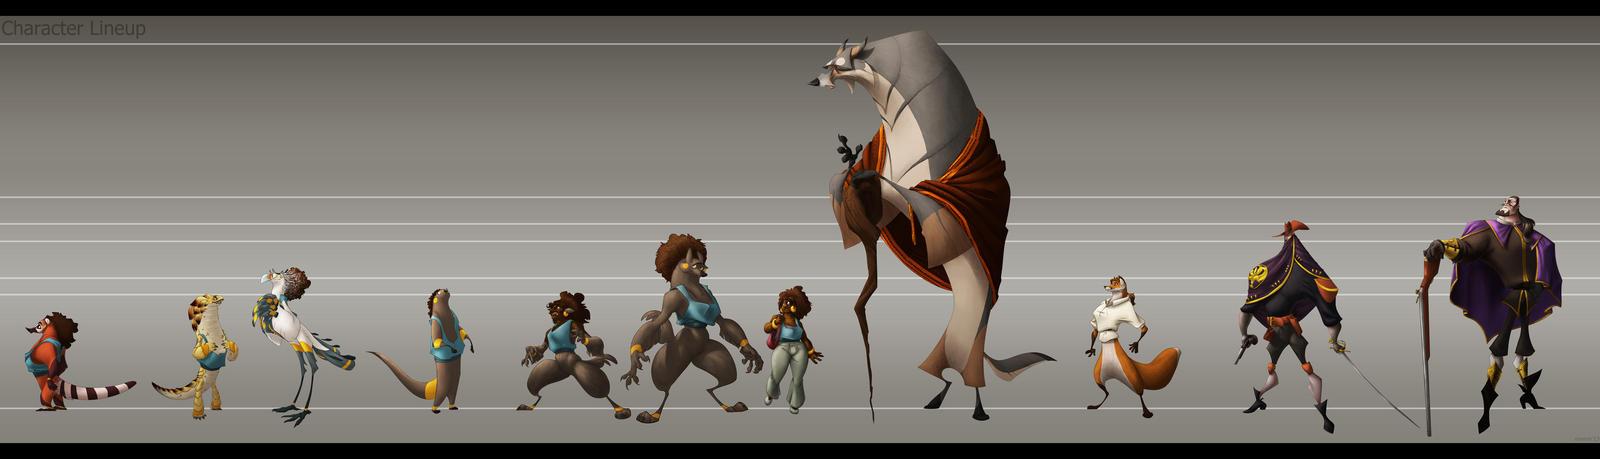 Character Design Lineup : Character design lineup by meeoh on deviantart